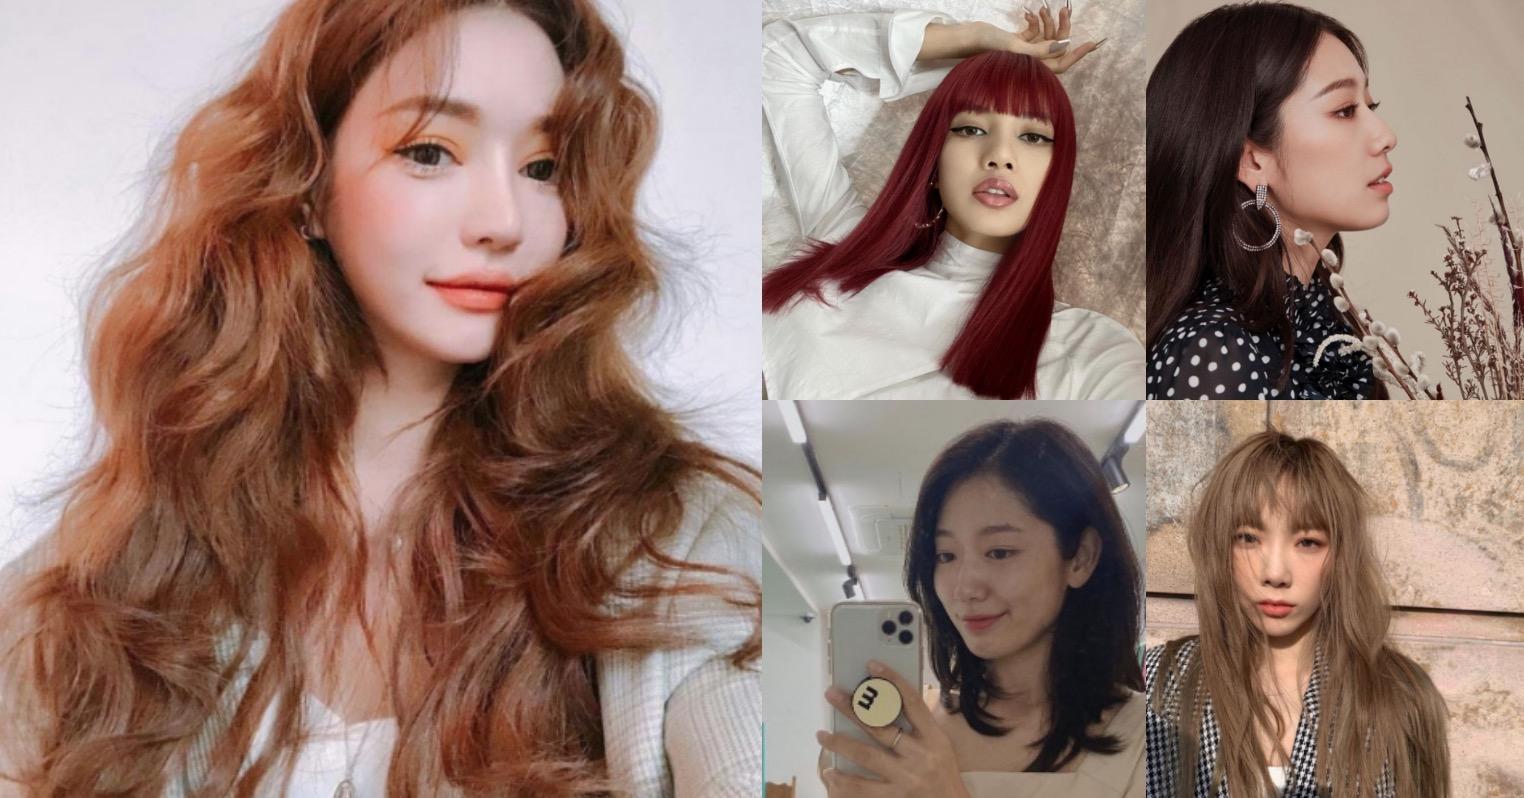 染一波!太妍精靈色、Sora琥珀色、朴信惠可麗露色!2020秋冬大熱的6款髮色趨勢